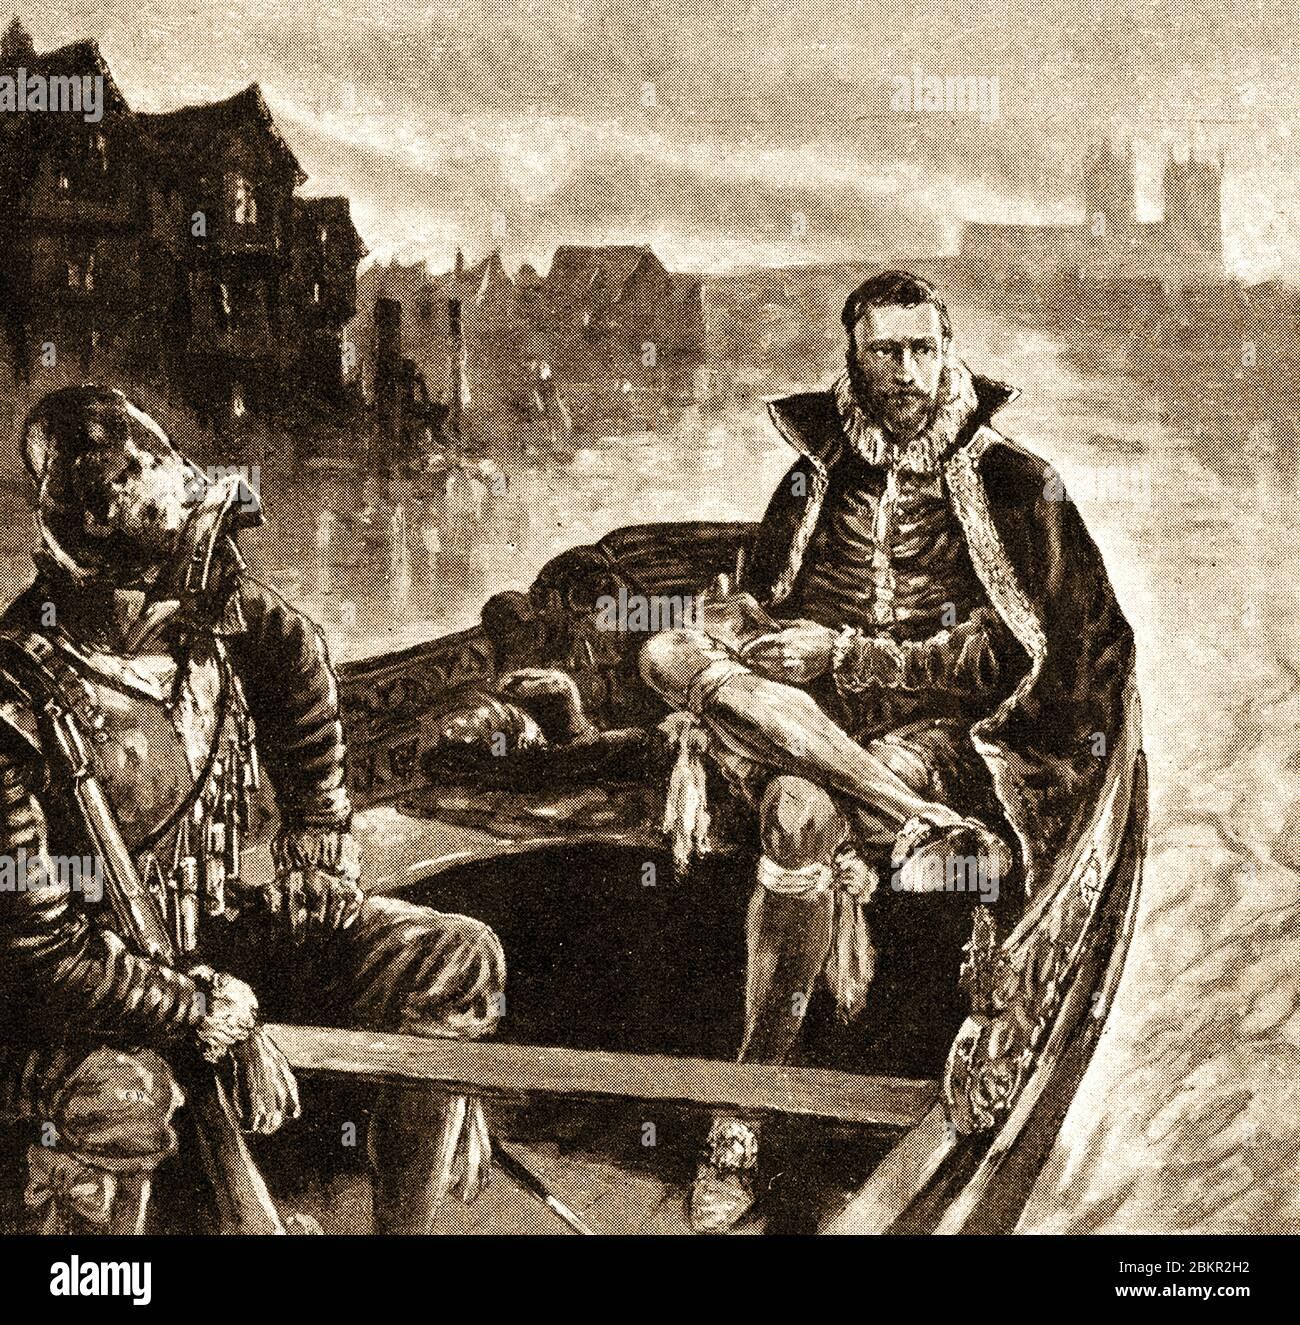 1921 ilustración - Sir Walter Raleigh (1552/544 - 1618) siendo llevado a la Torre de Londres después de su arresto. Fue un conocido caballero inglés desembarcado, así como un notable escritor, poeta, soldado, político, cortesano, espía y explorador que popularizó el tabaco en Inglaterra. Fue decapitado en el Old Palace Yard, Westminster, el 29 de octubre de 1618, tras lo cual Lady Raleigh mantuvo la cabeza de su marido en una bolsa de terciopelo hasta su propia muerte. Foto de stock